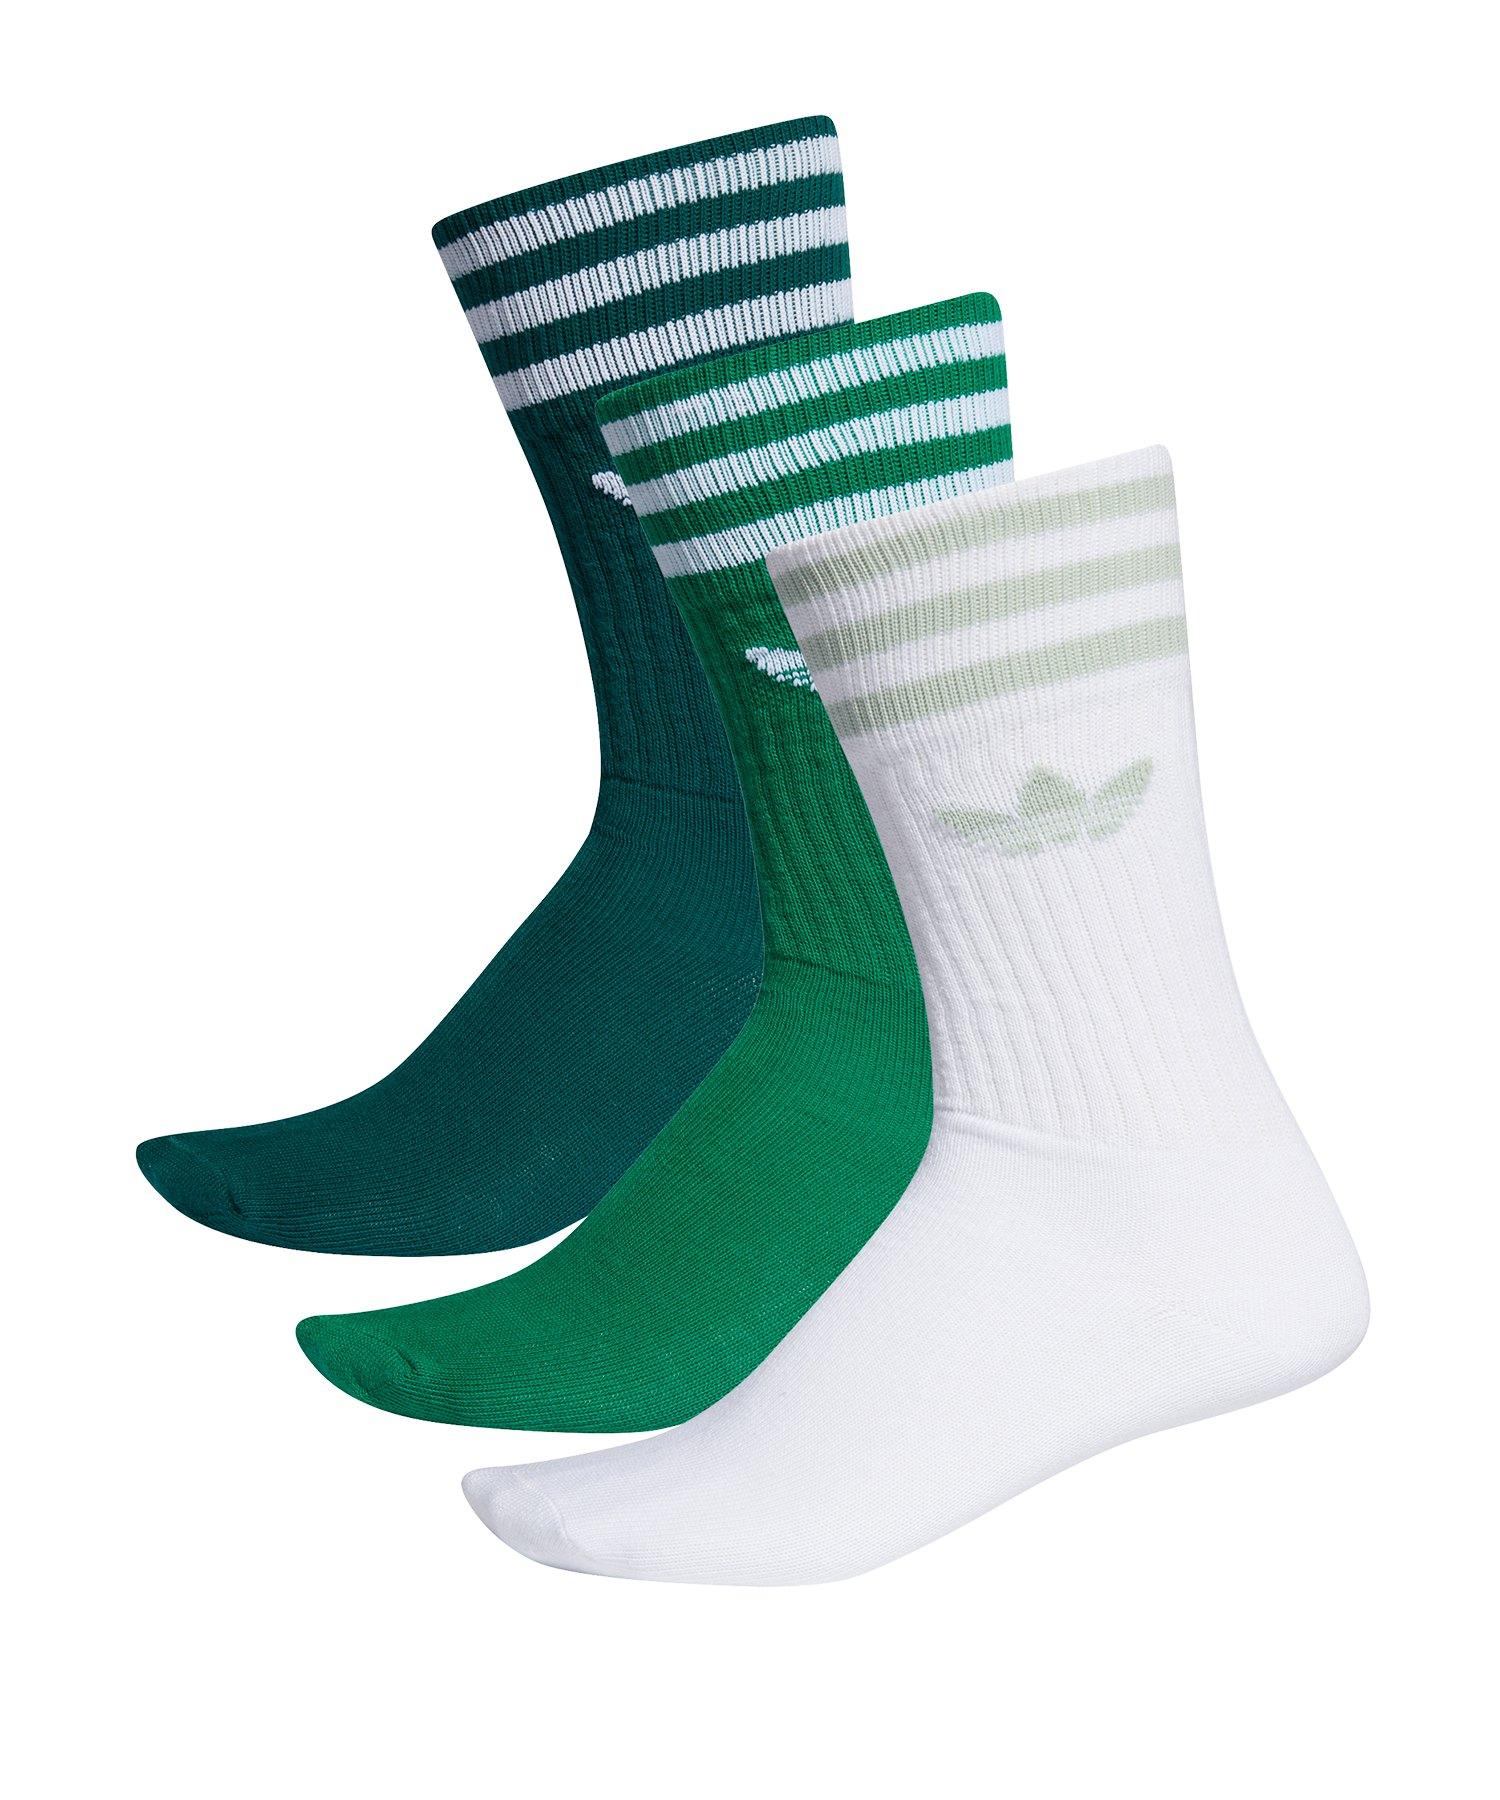 adidas Originals Solid Crew Socks Socken Grün - gruen